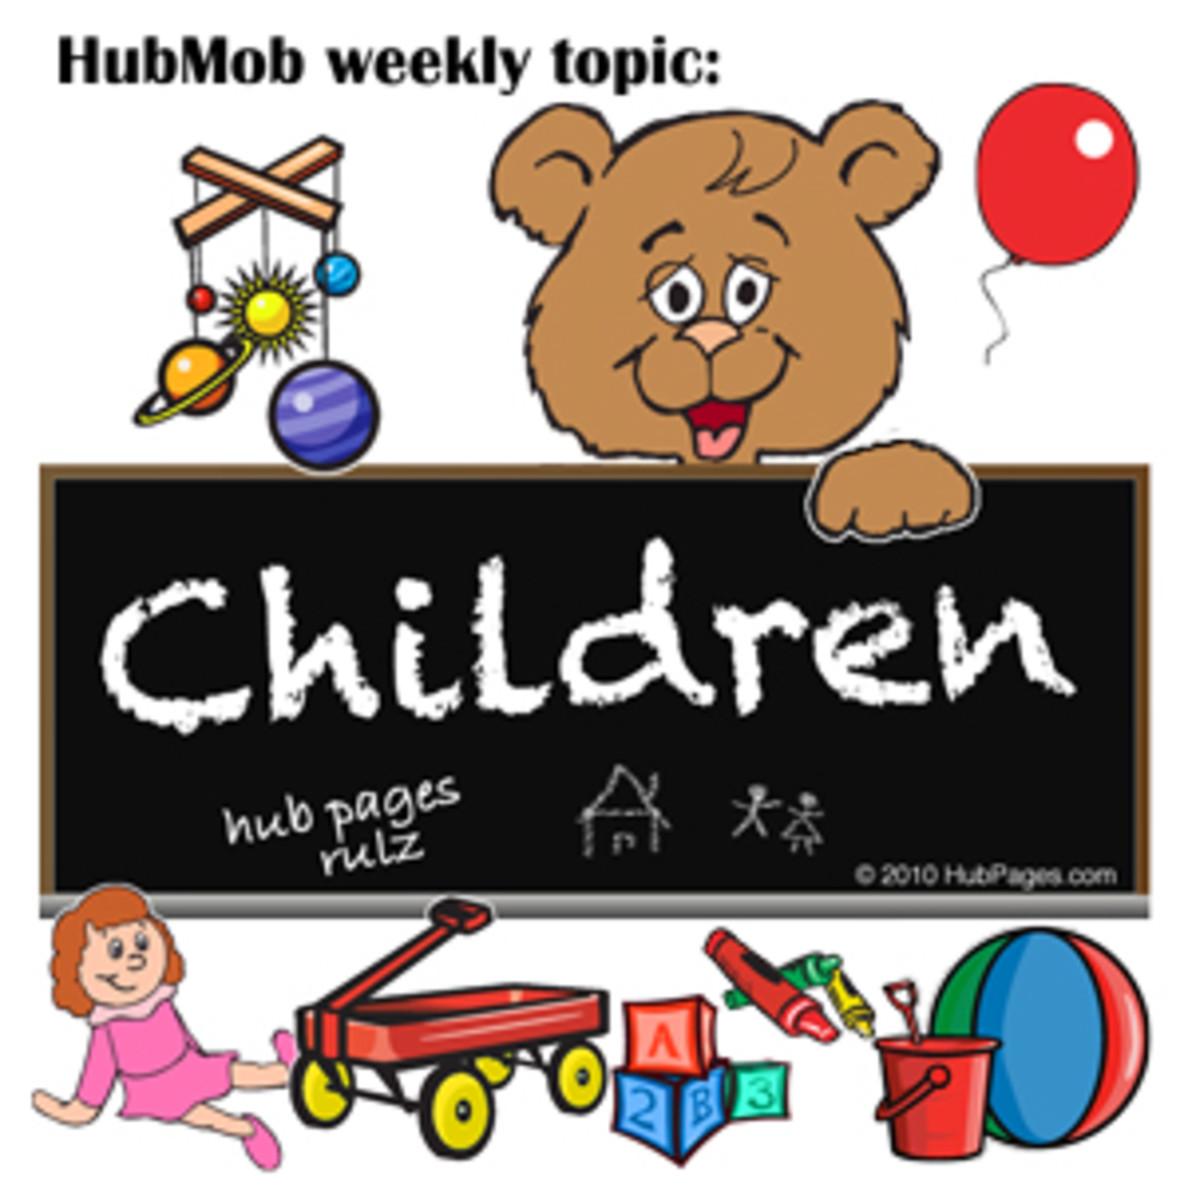 http://i665.photobucket.com/albums/vv19/wyanjen/HubMob/Children_5-17.jpg